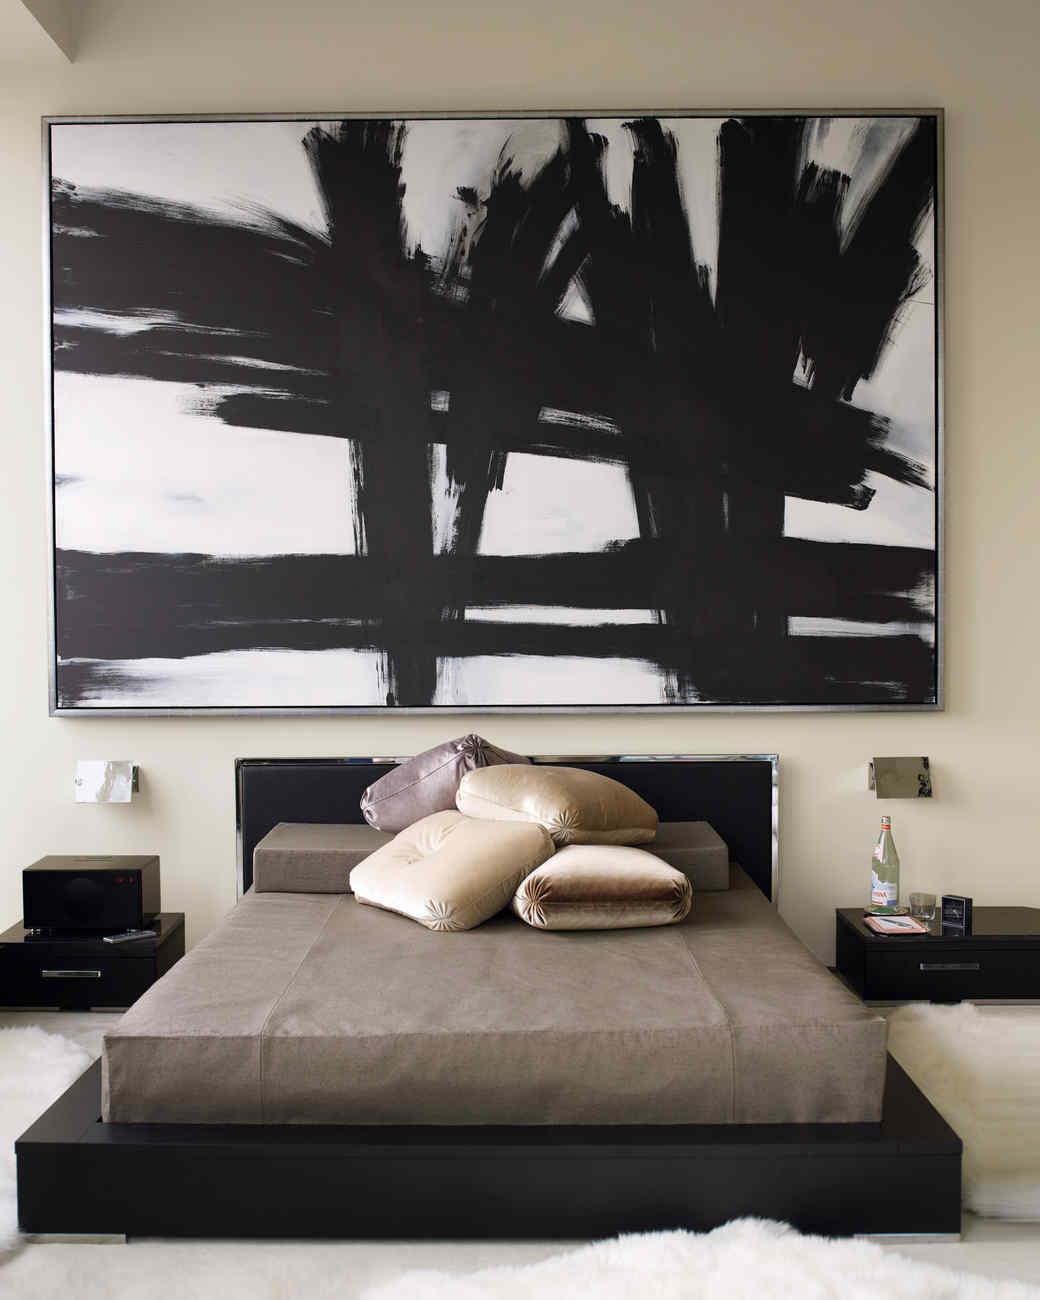 md106055_0910_bedroomdetail_3_21519.jpg